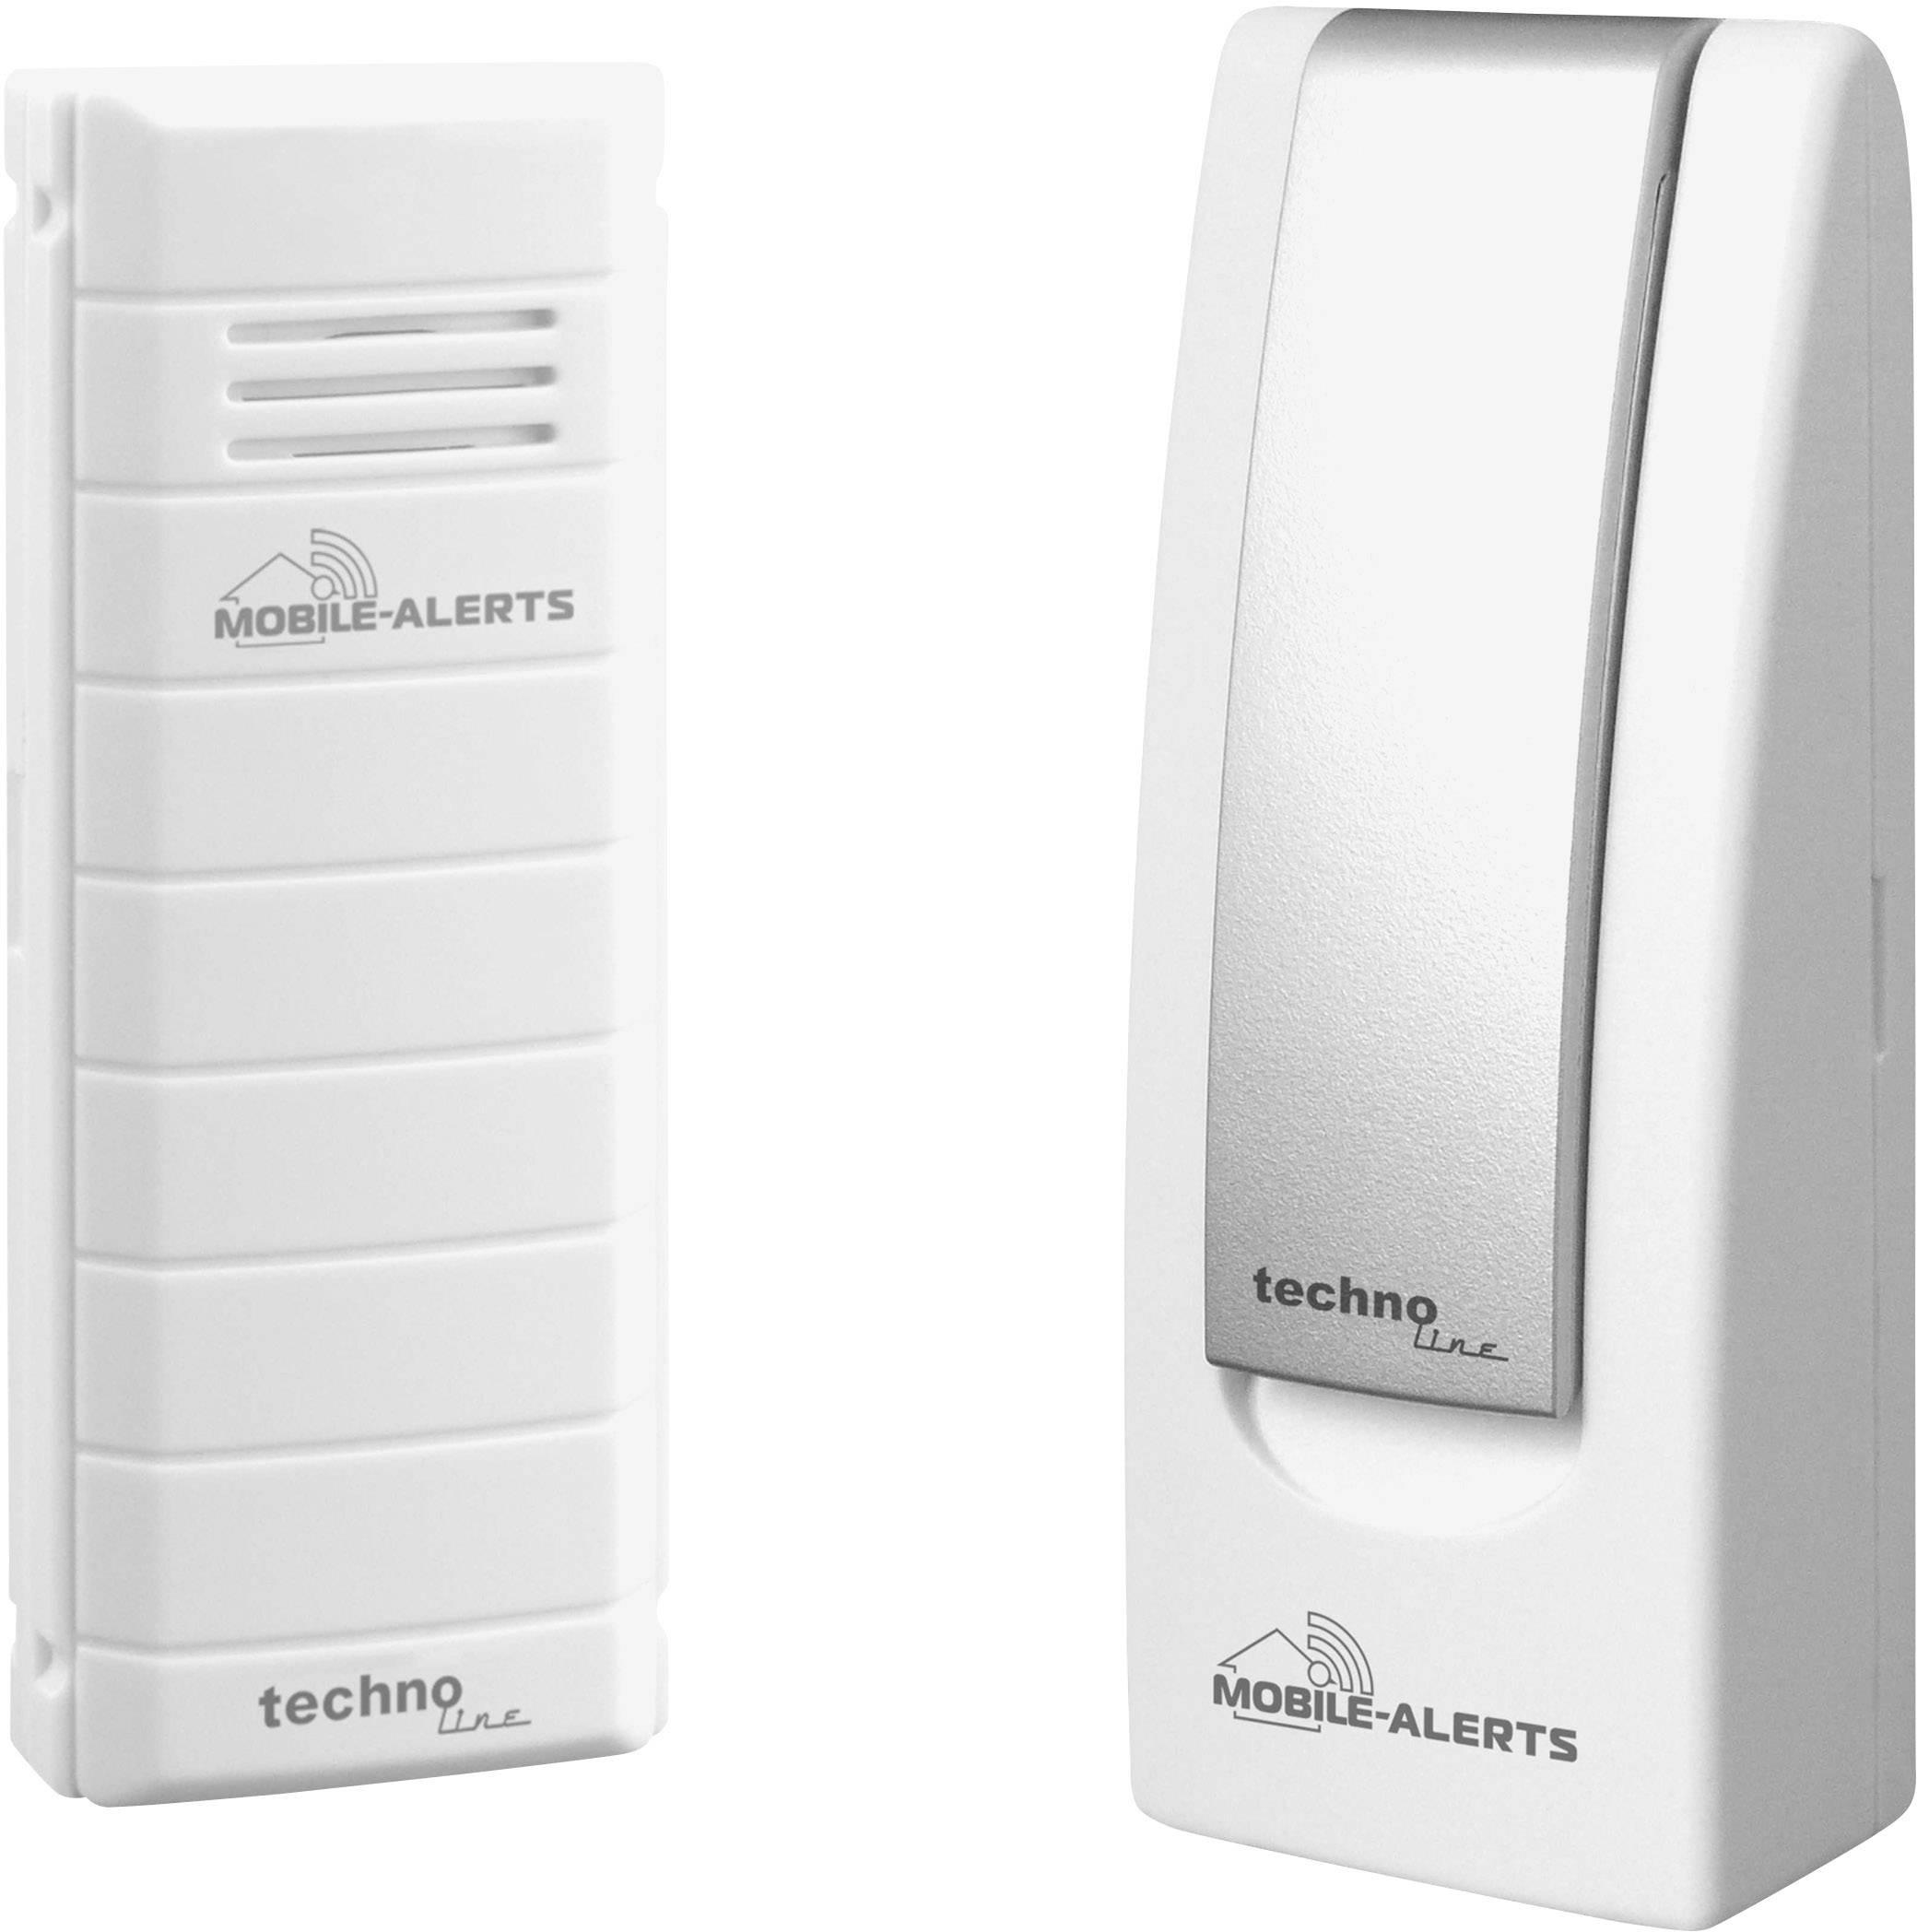 Teplotní senzor s připojením na internet Techno Line Mobile Alerts MA 10001